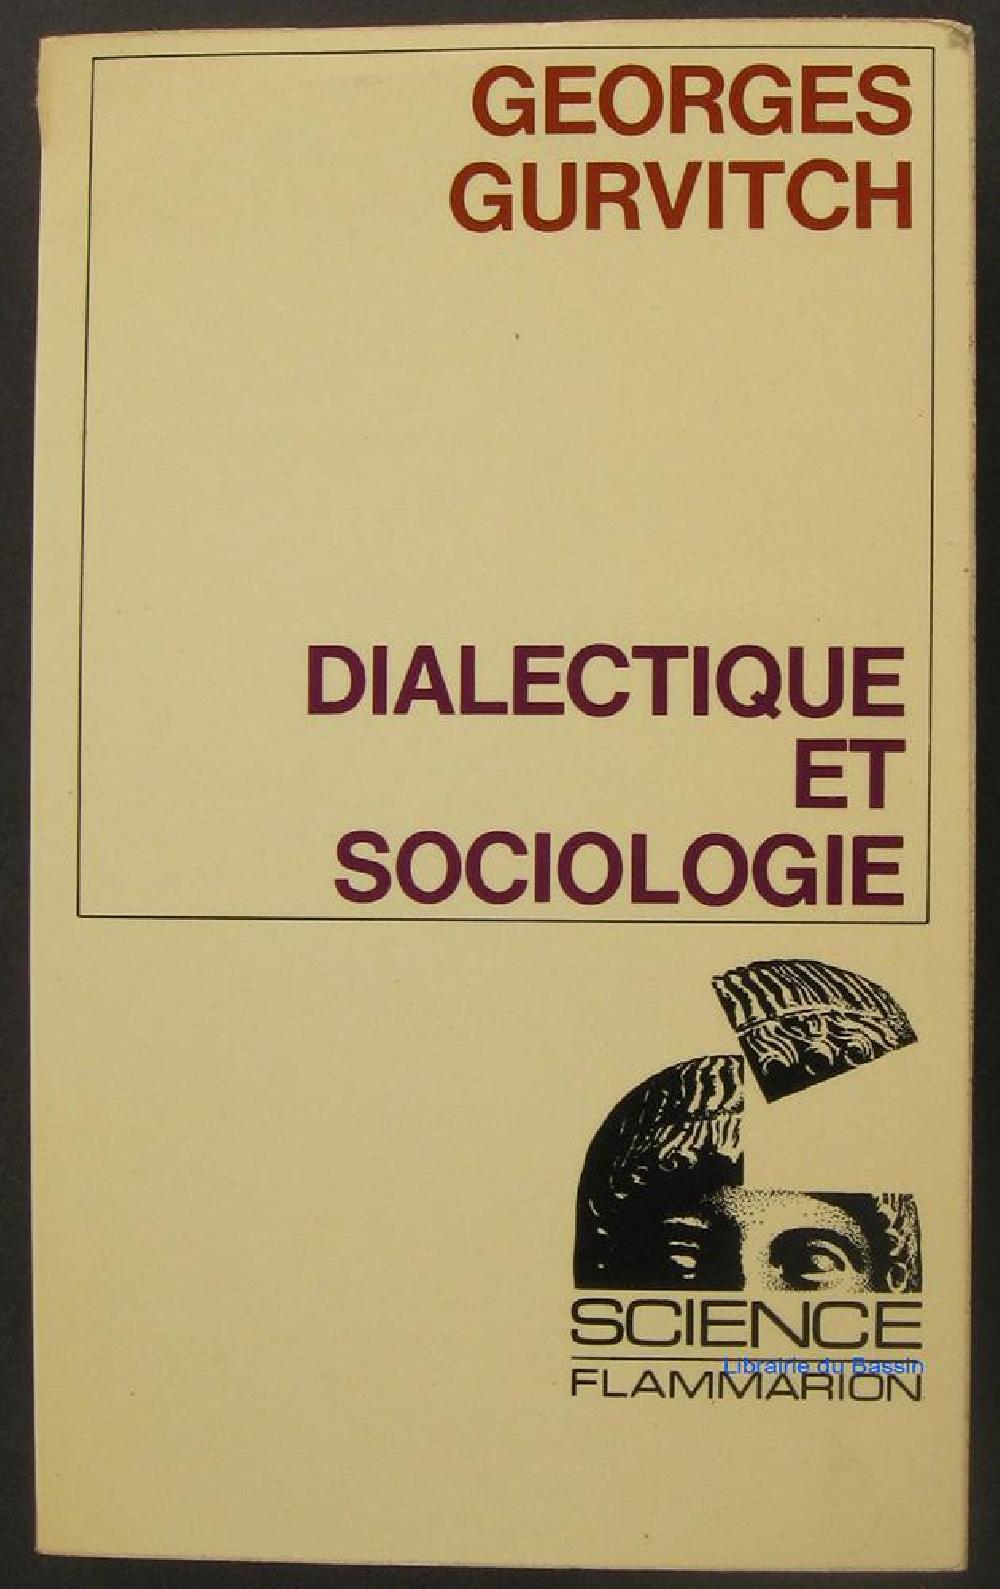 Dialectique et sociologie